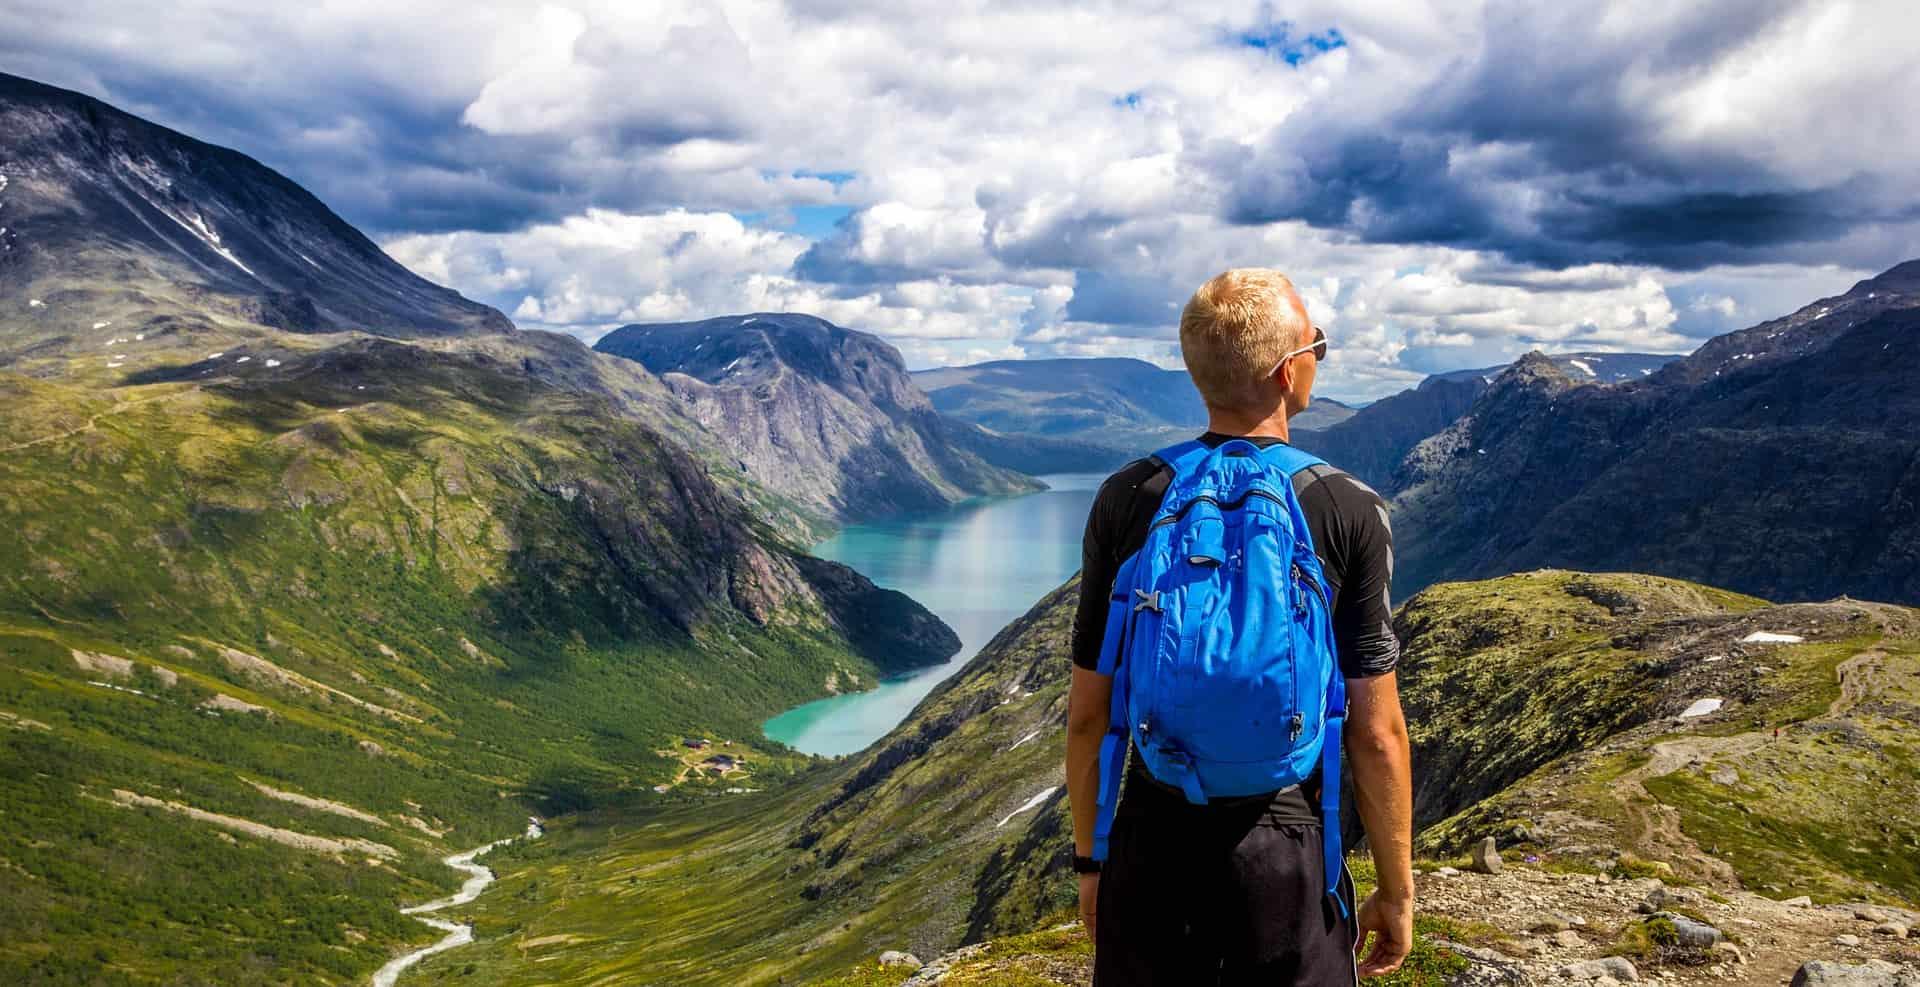 Actieve vakanties zijn hot in 2018- zowel natuur als cultuur.